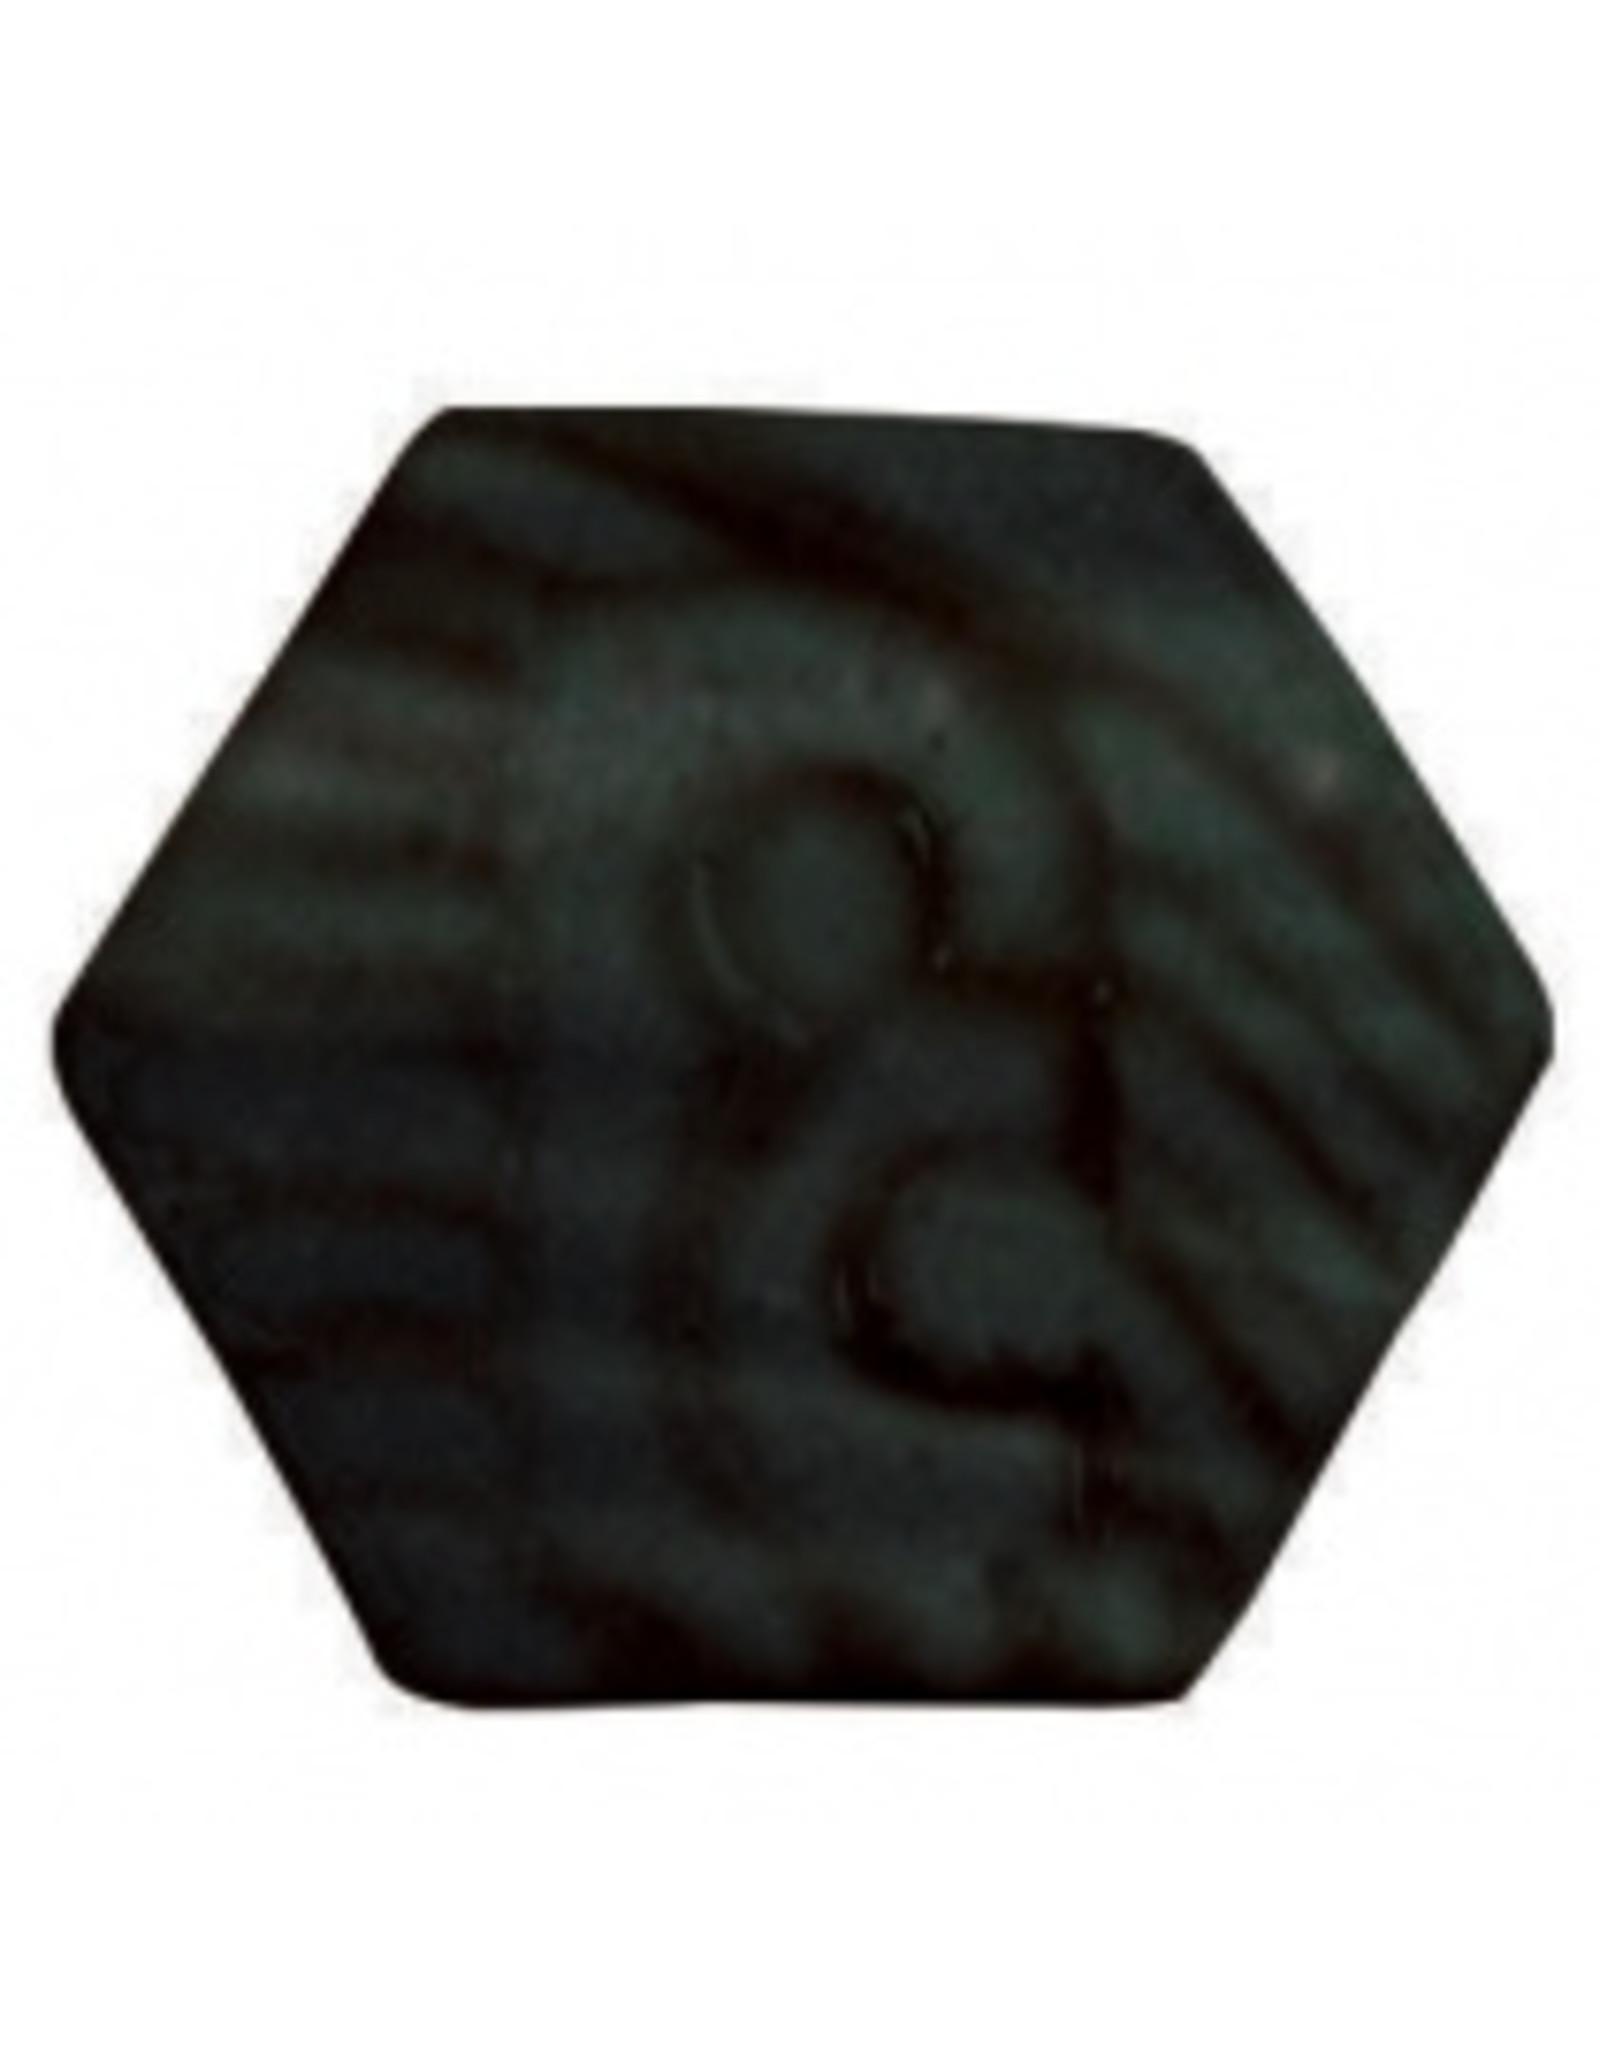 Potterycrafts Black On-Glaze - 15ml